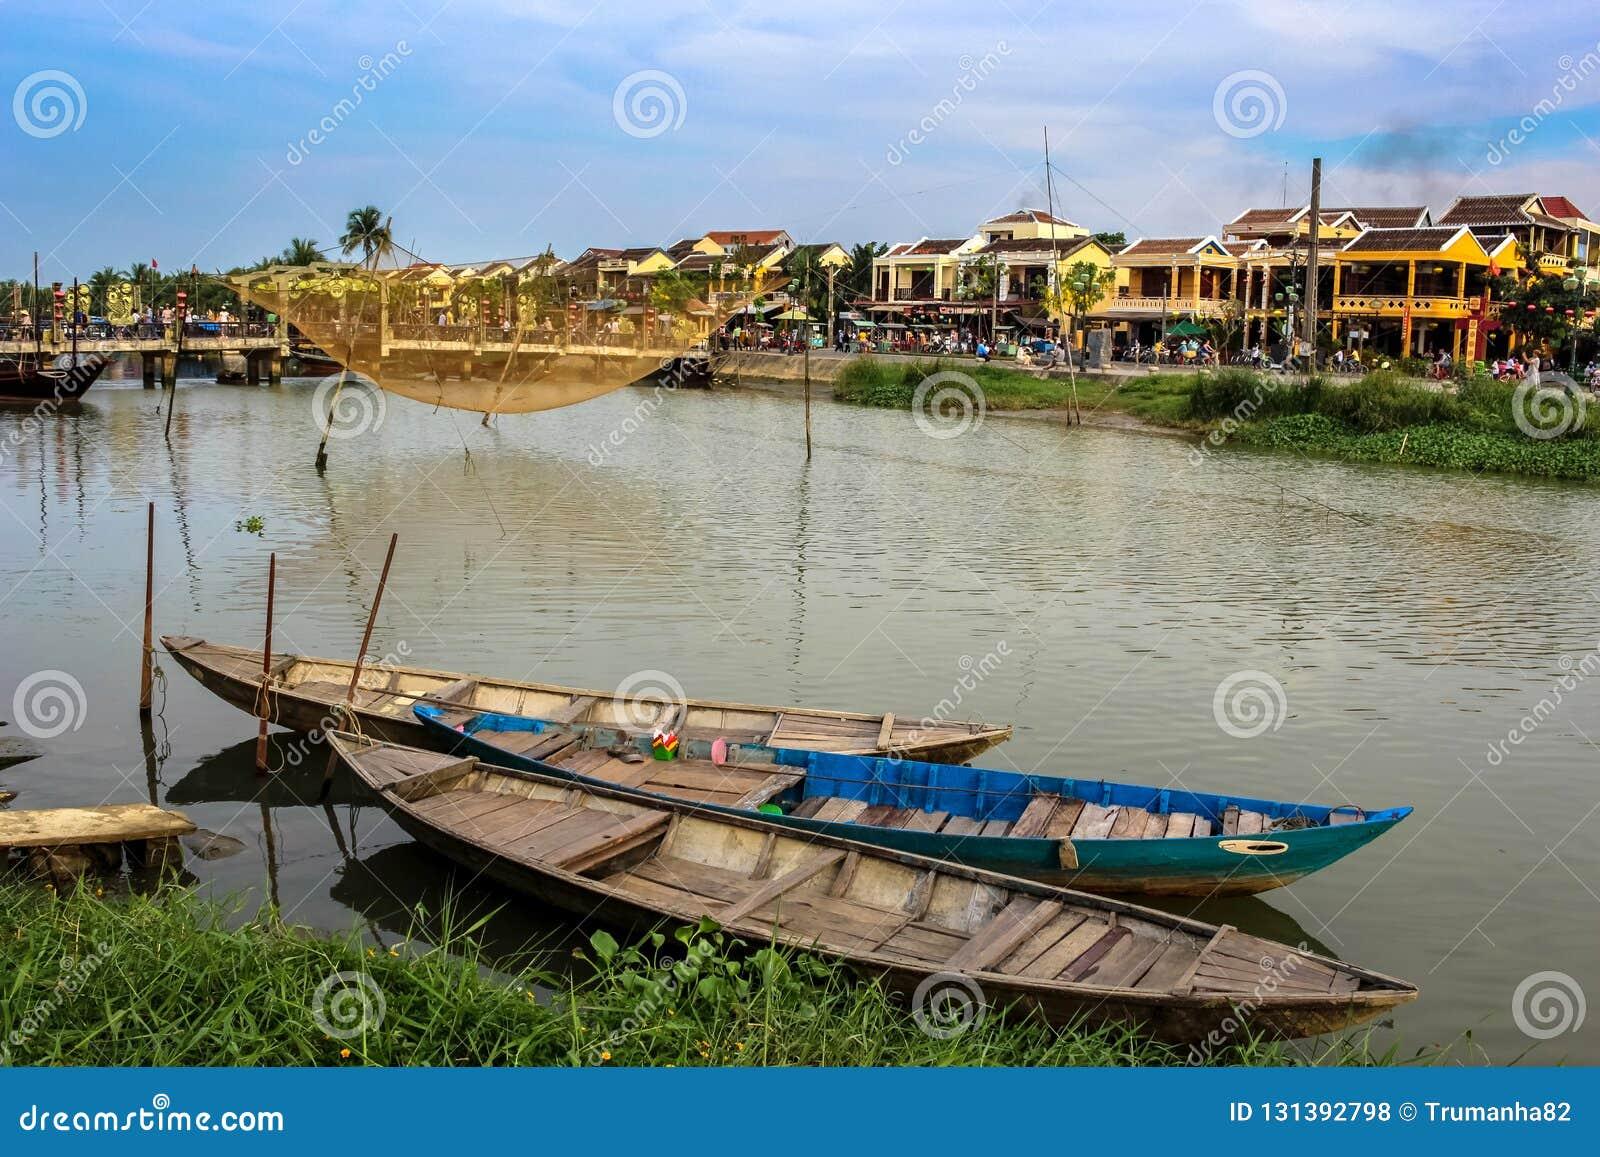 Hoi An Ancient Town au Vietnam central